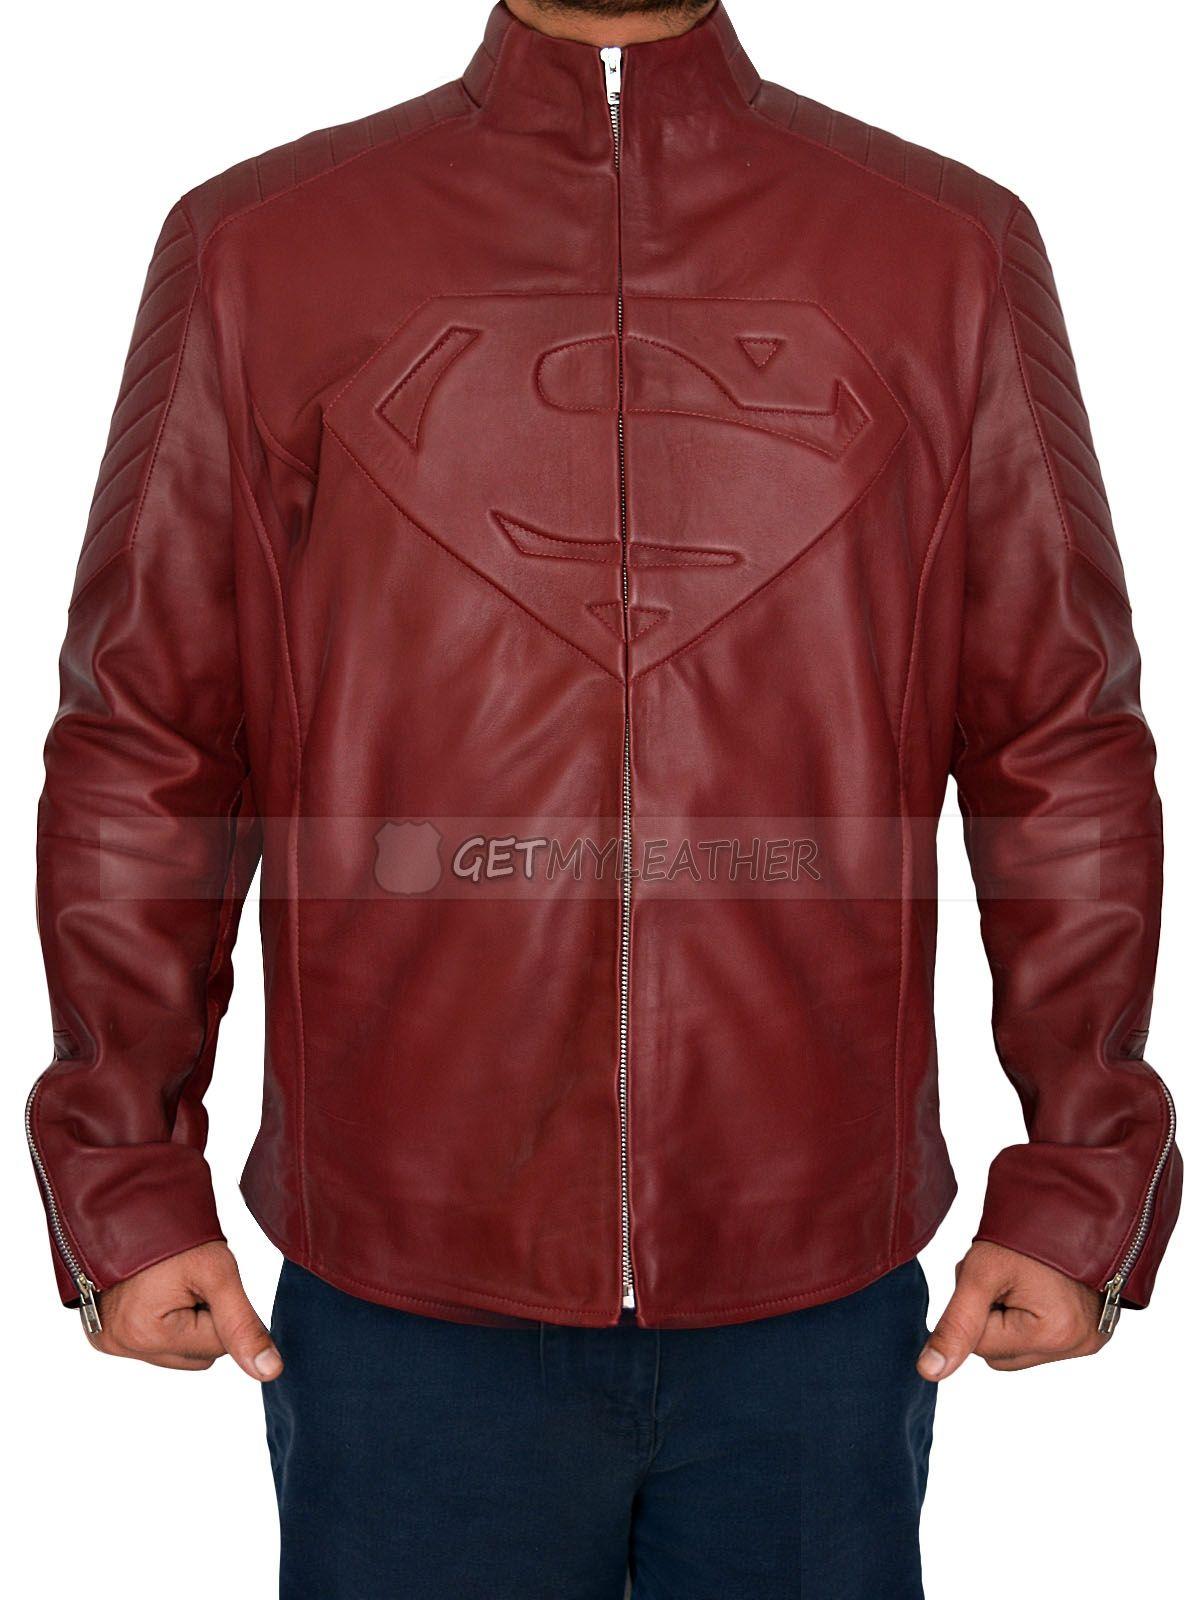 Maroon Leather Superman Smallville Jacket Jackets